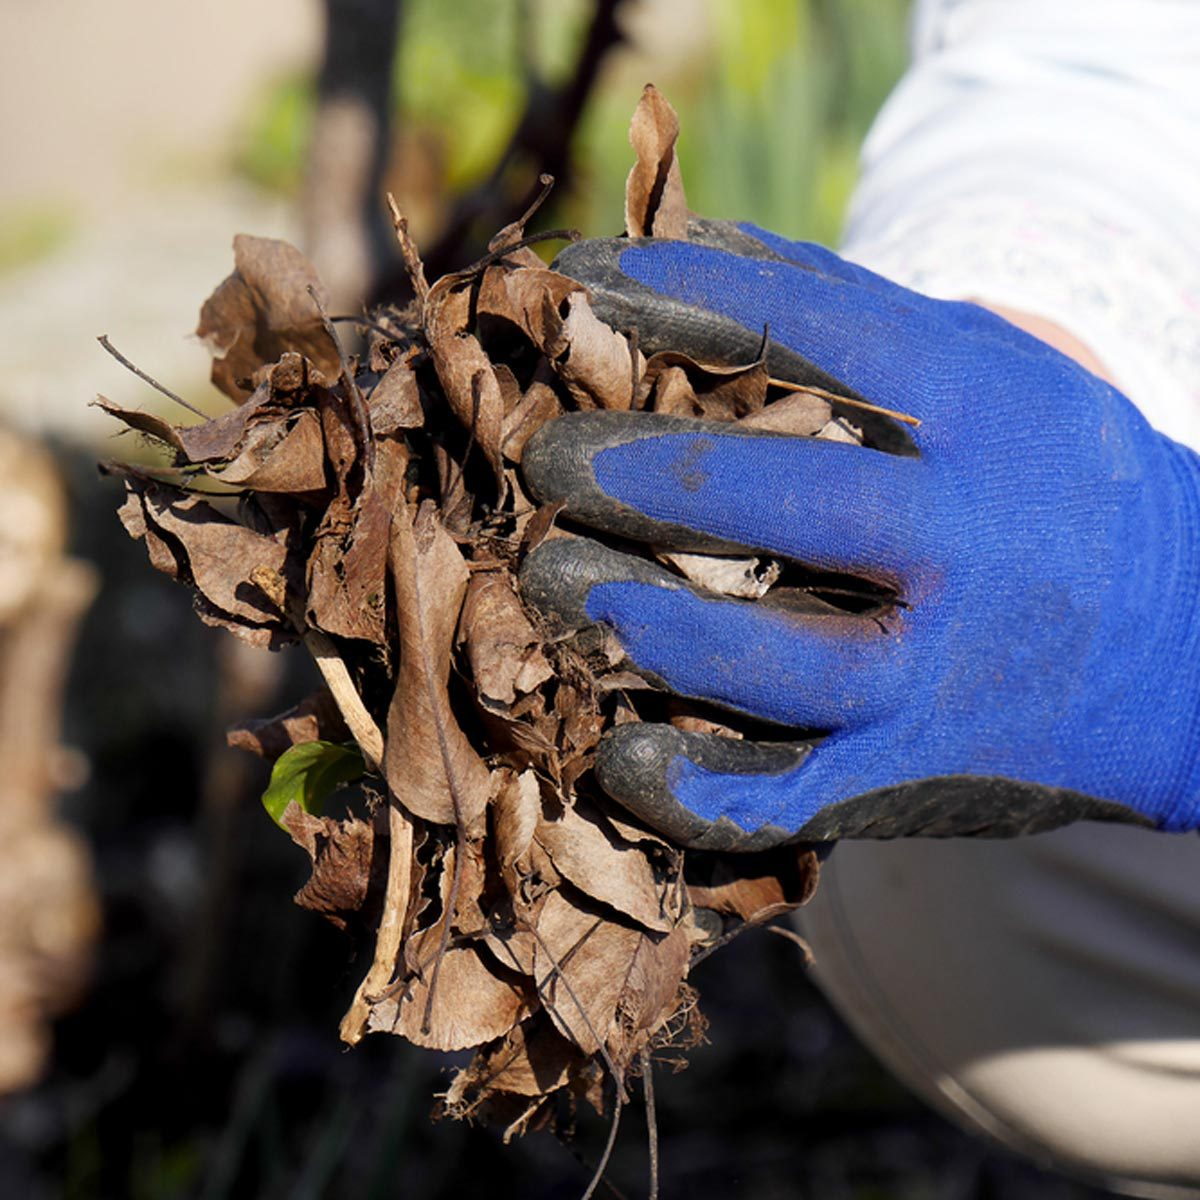 Durable, Waterproof Garden Gloves